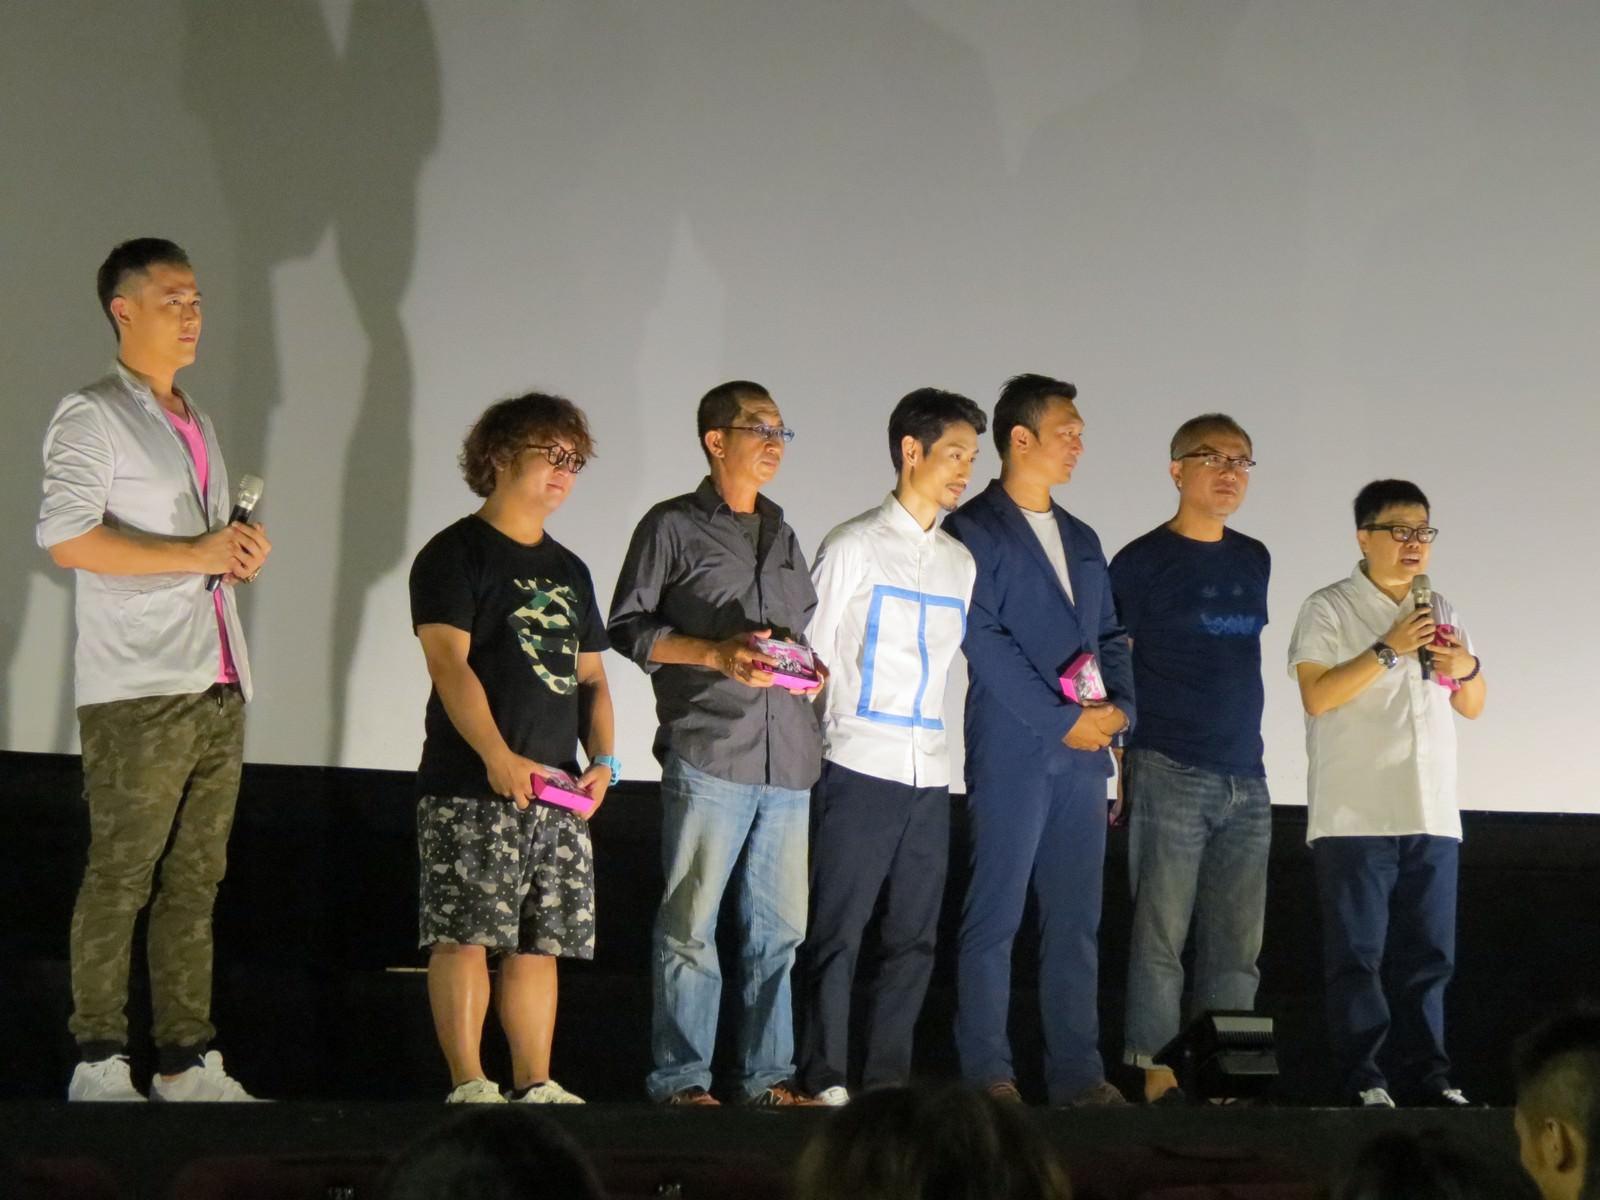 Movie, 大佛普拉斯(台灣, 2017年) / The Great Buddha+(英文), 特映會, 映後座談, 導演與演員